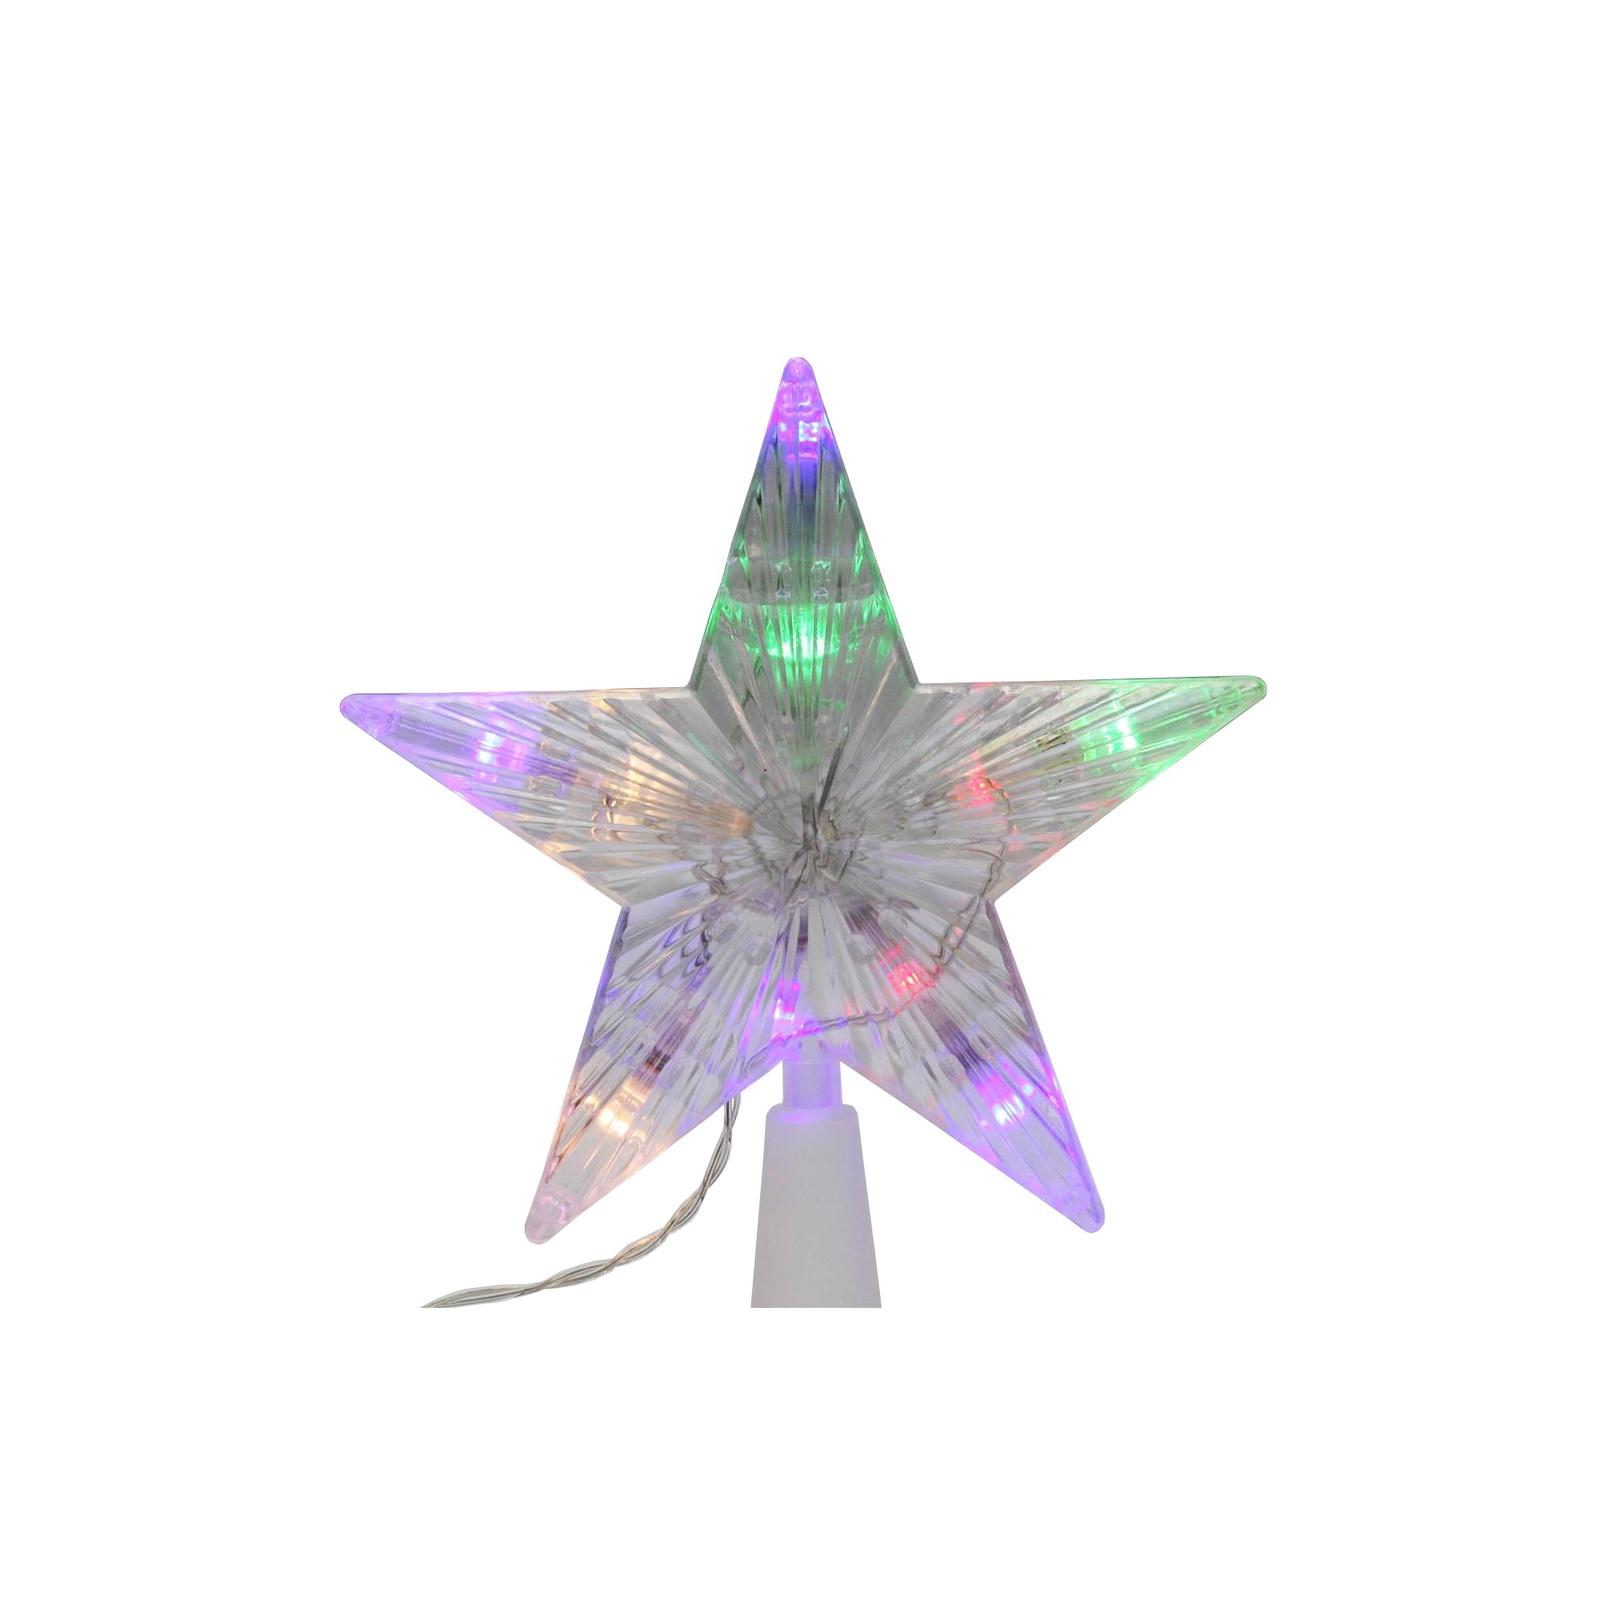 Звезда светодиодная, 220В, высота - 17,5 см,длина шнура 3м, мульти цвет.15-43Энергосберегающая звезда для украшения елки. Длина шнура 3м, постоянное свечение - Красный / Синий/ Зеленый. Бесперебойная работа от 180В до 240В.